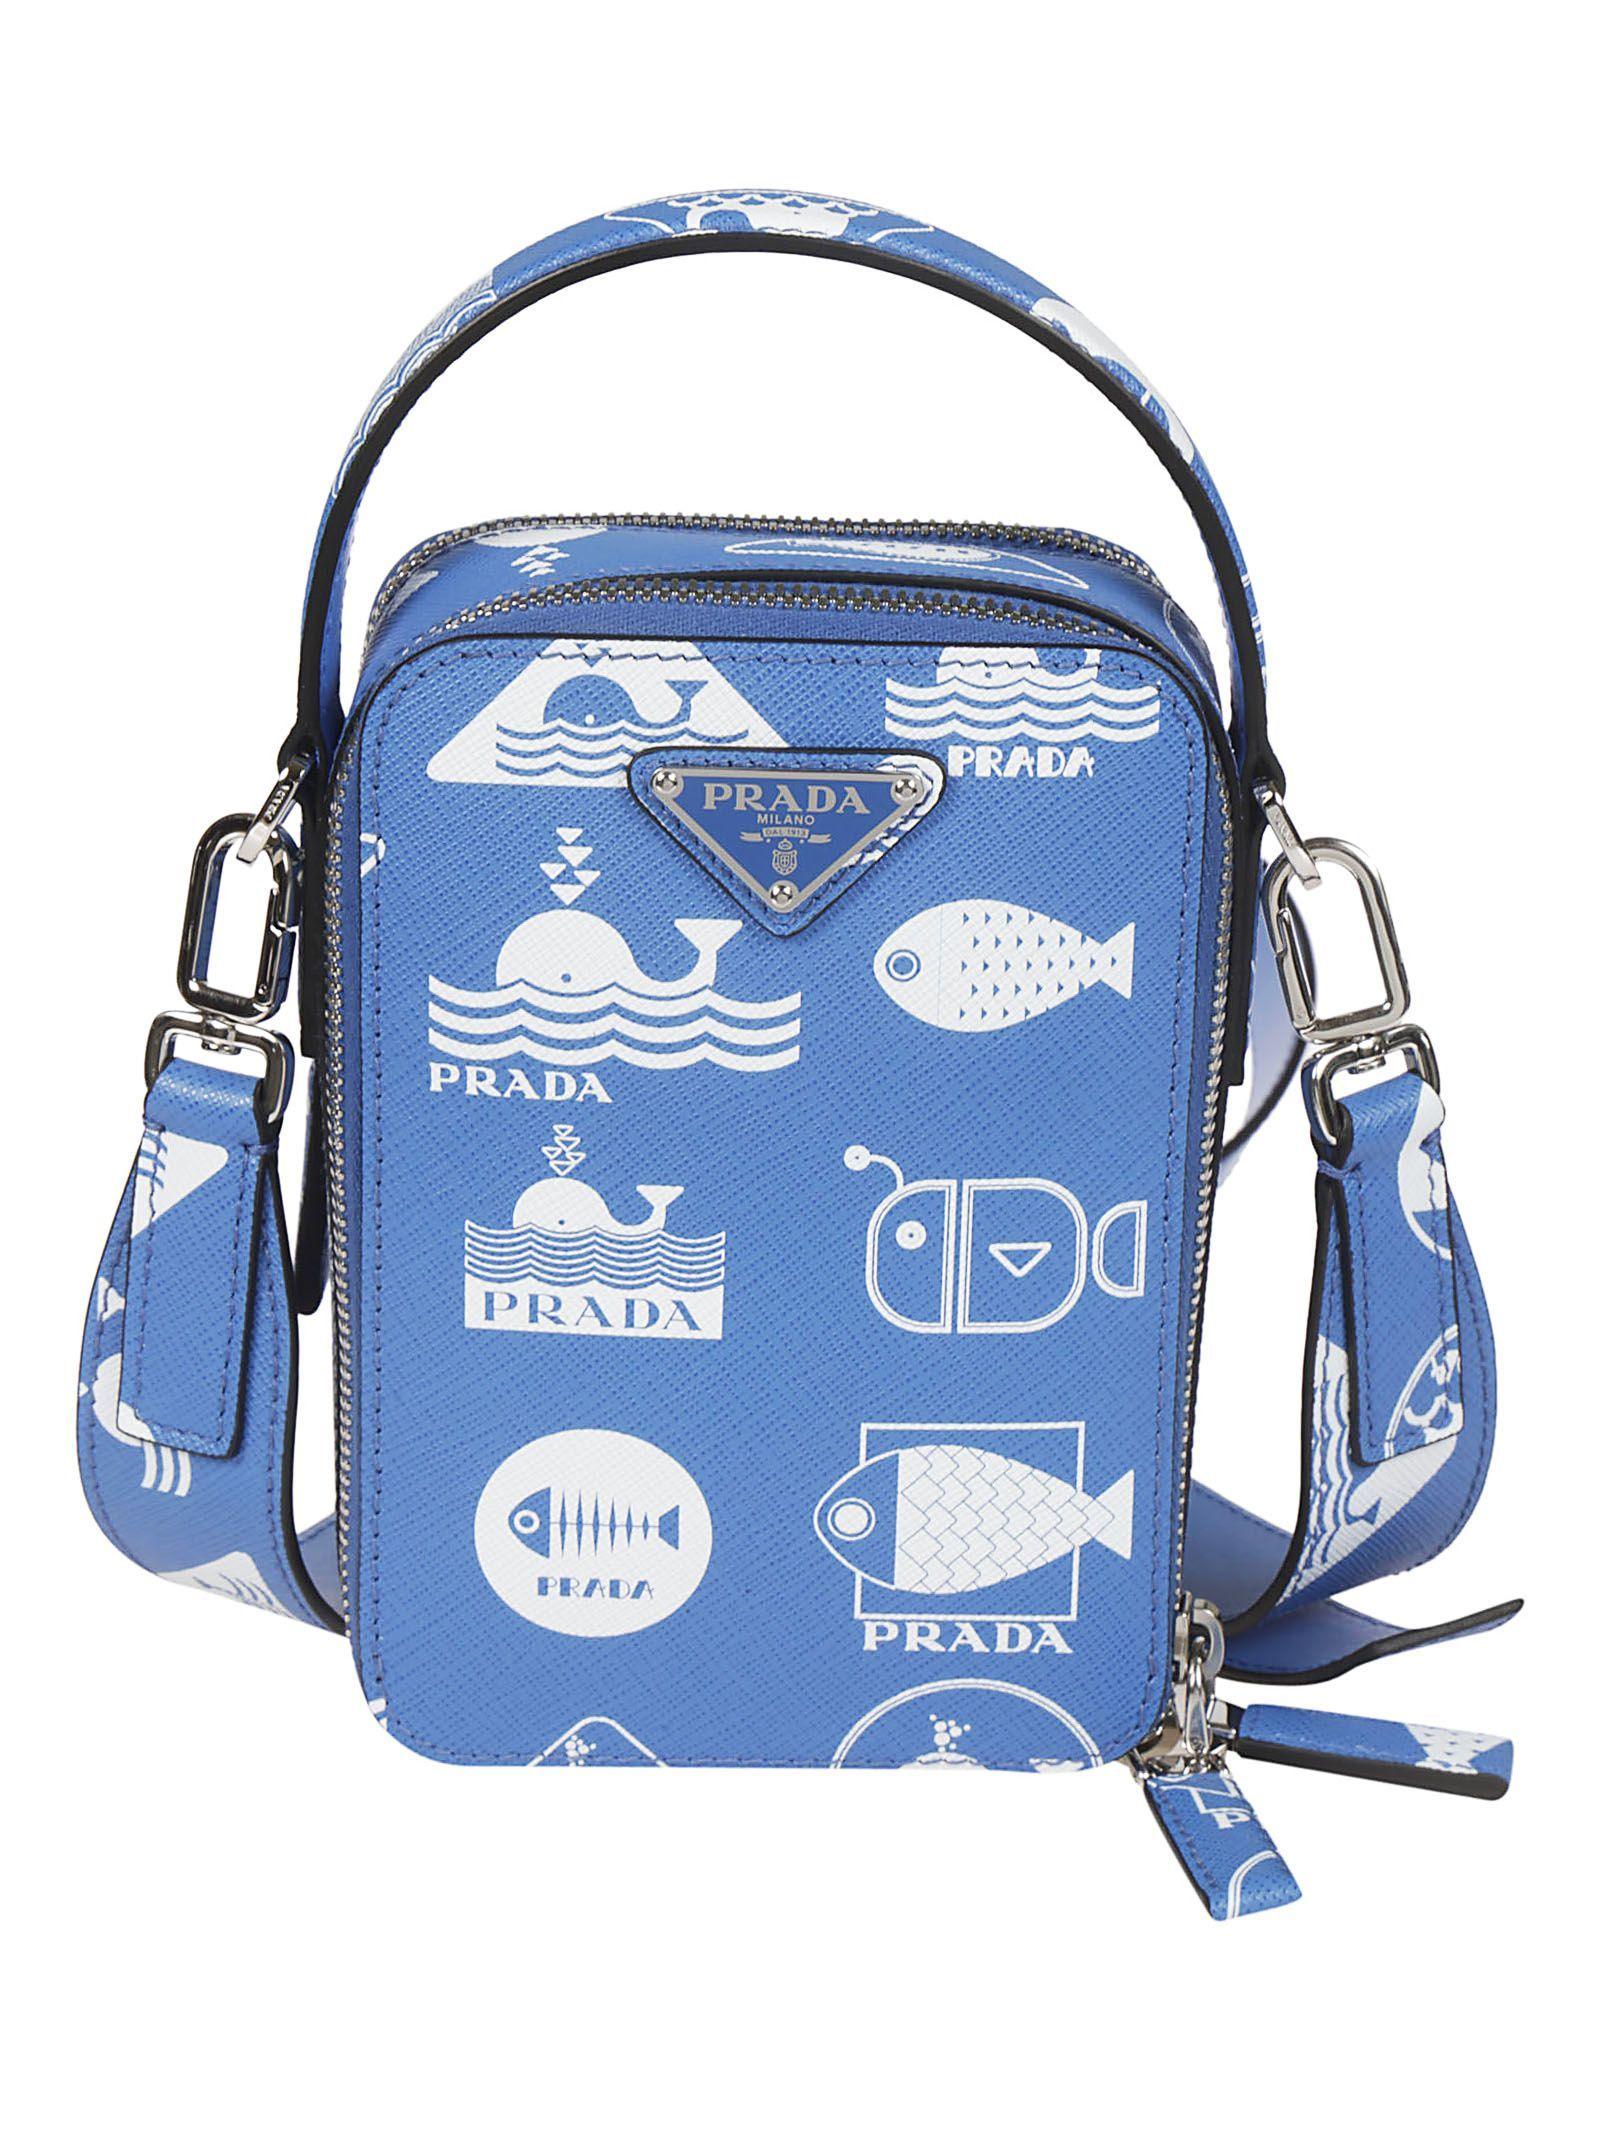 c85c237402ea PRADA PRINTED BOXY SHOULDER BAG.  prada  bags  shoulder bags